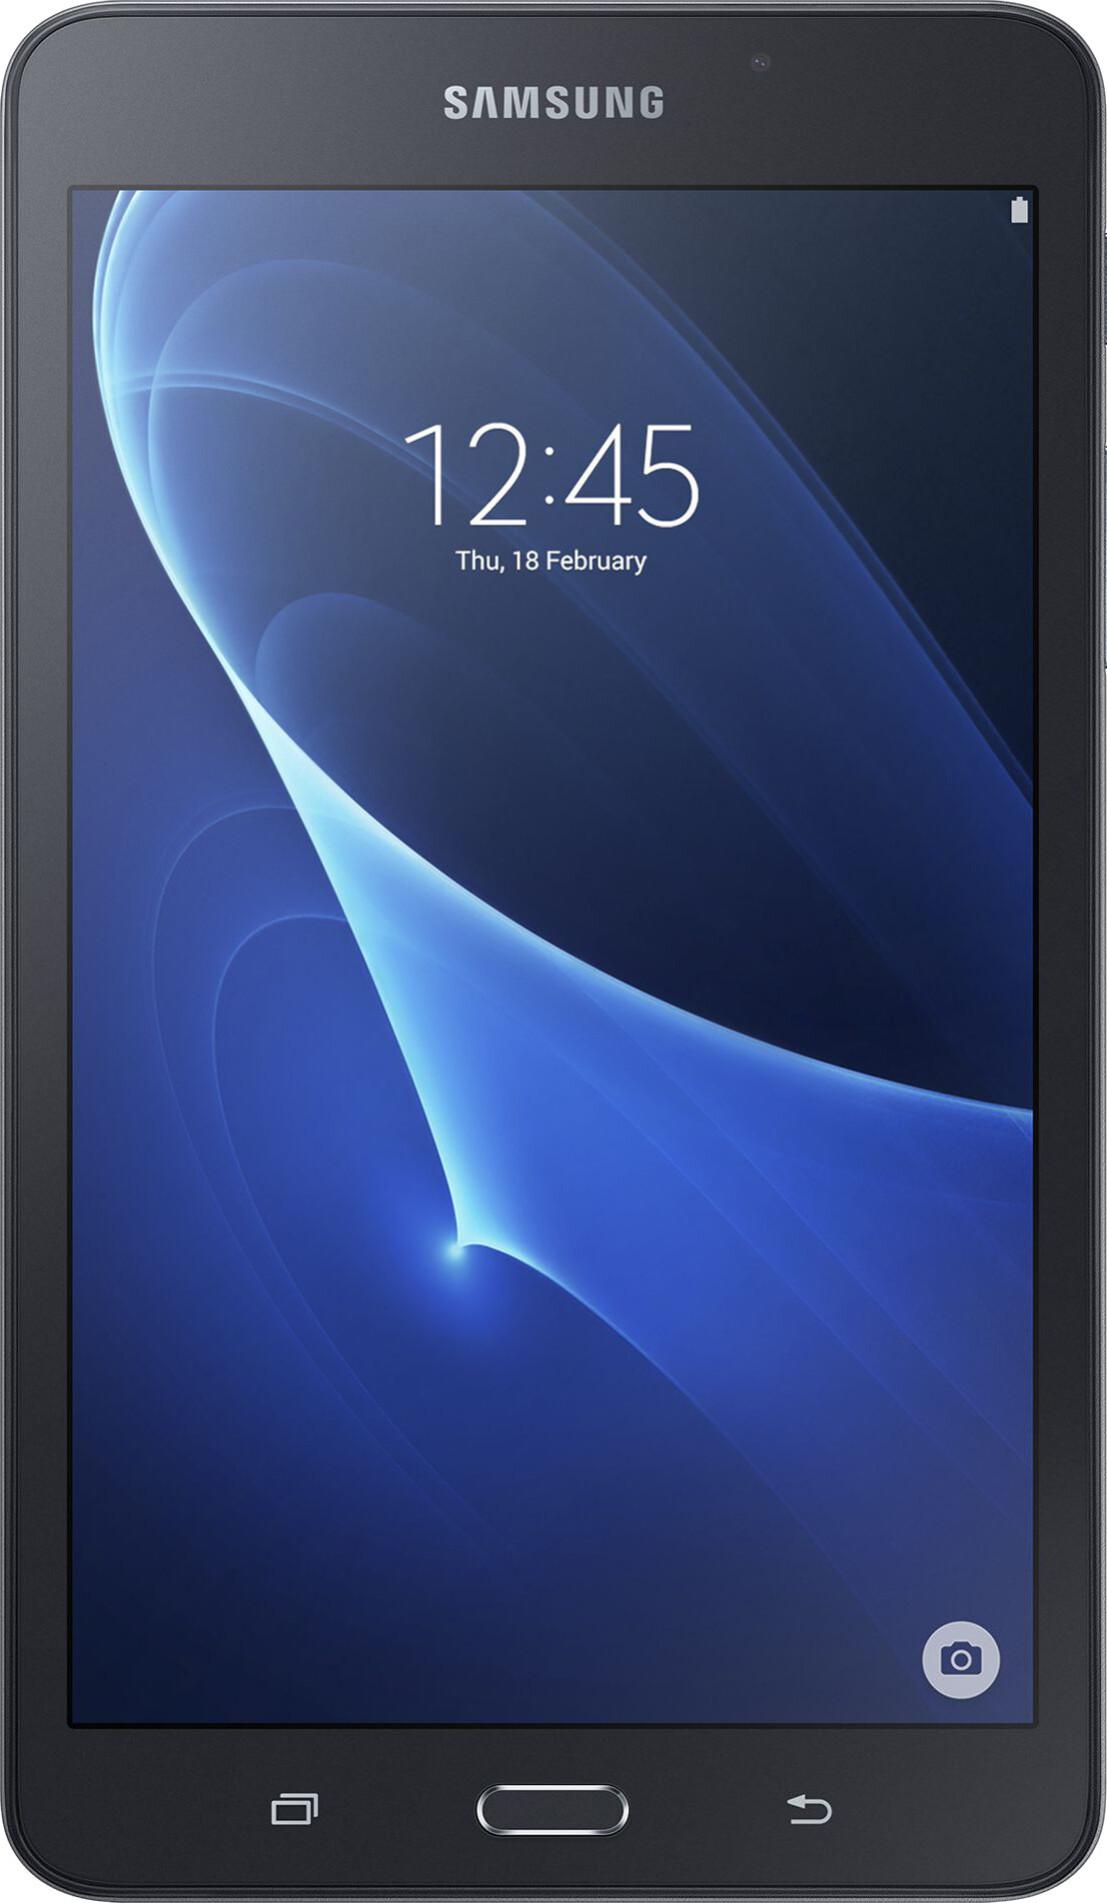 Apple iPad mini vs Samsung Galaxy Tab A (2016) - Visual phone size ...